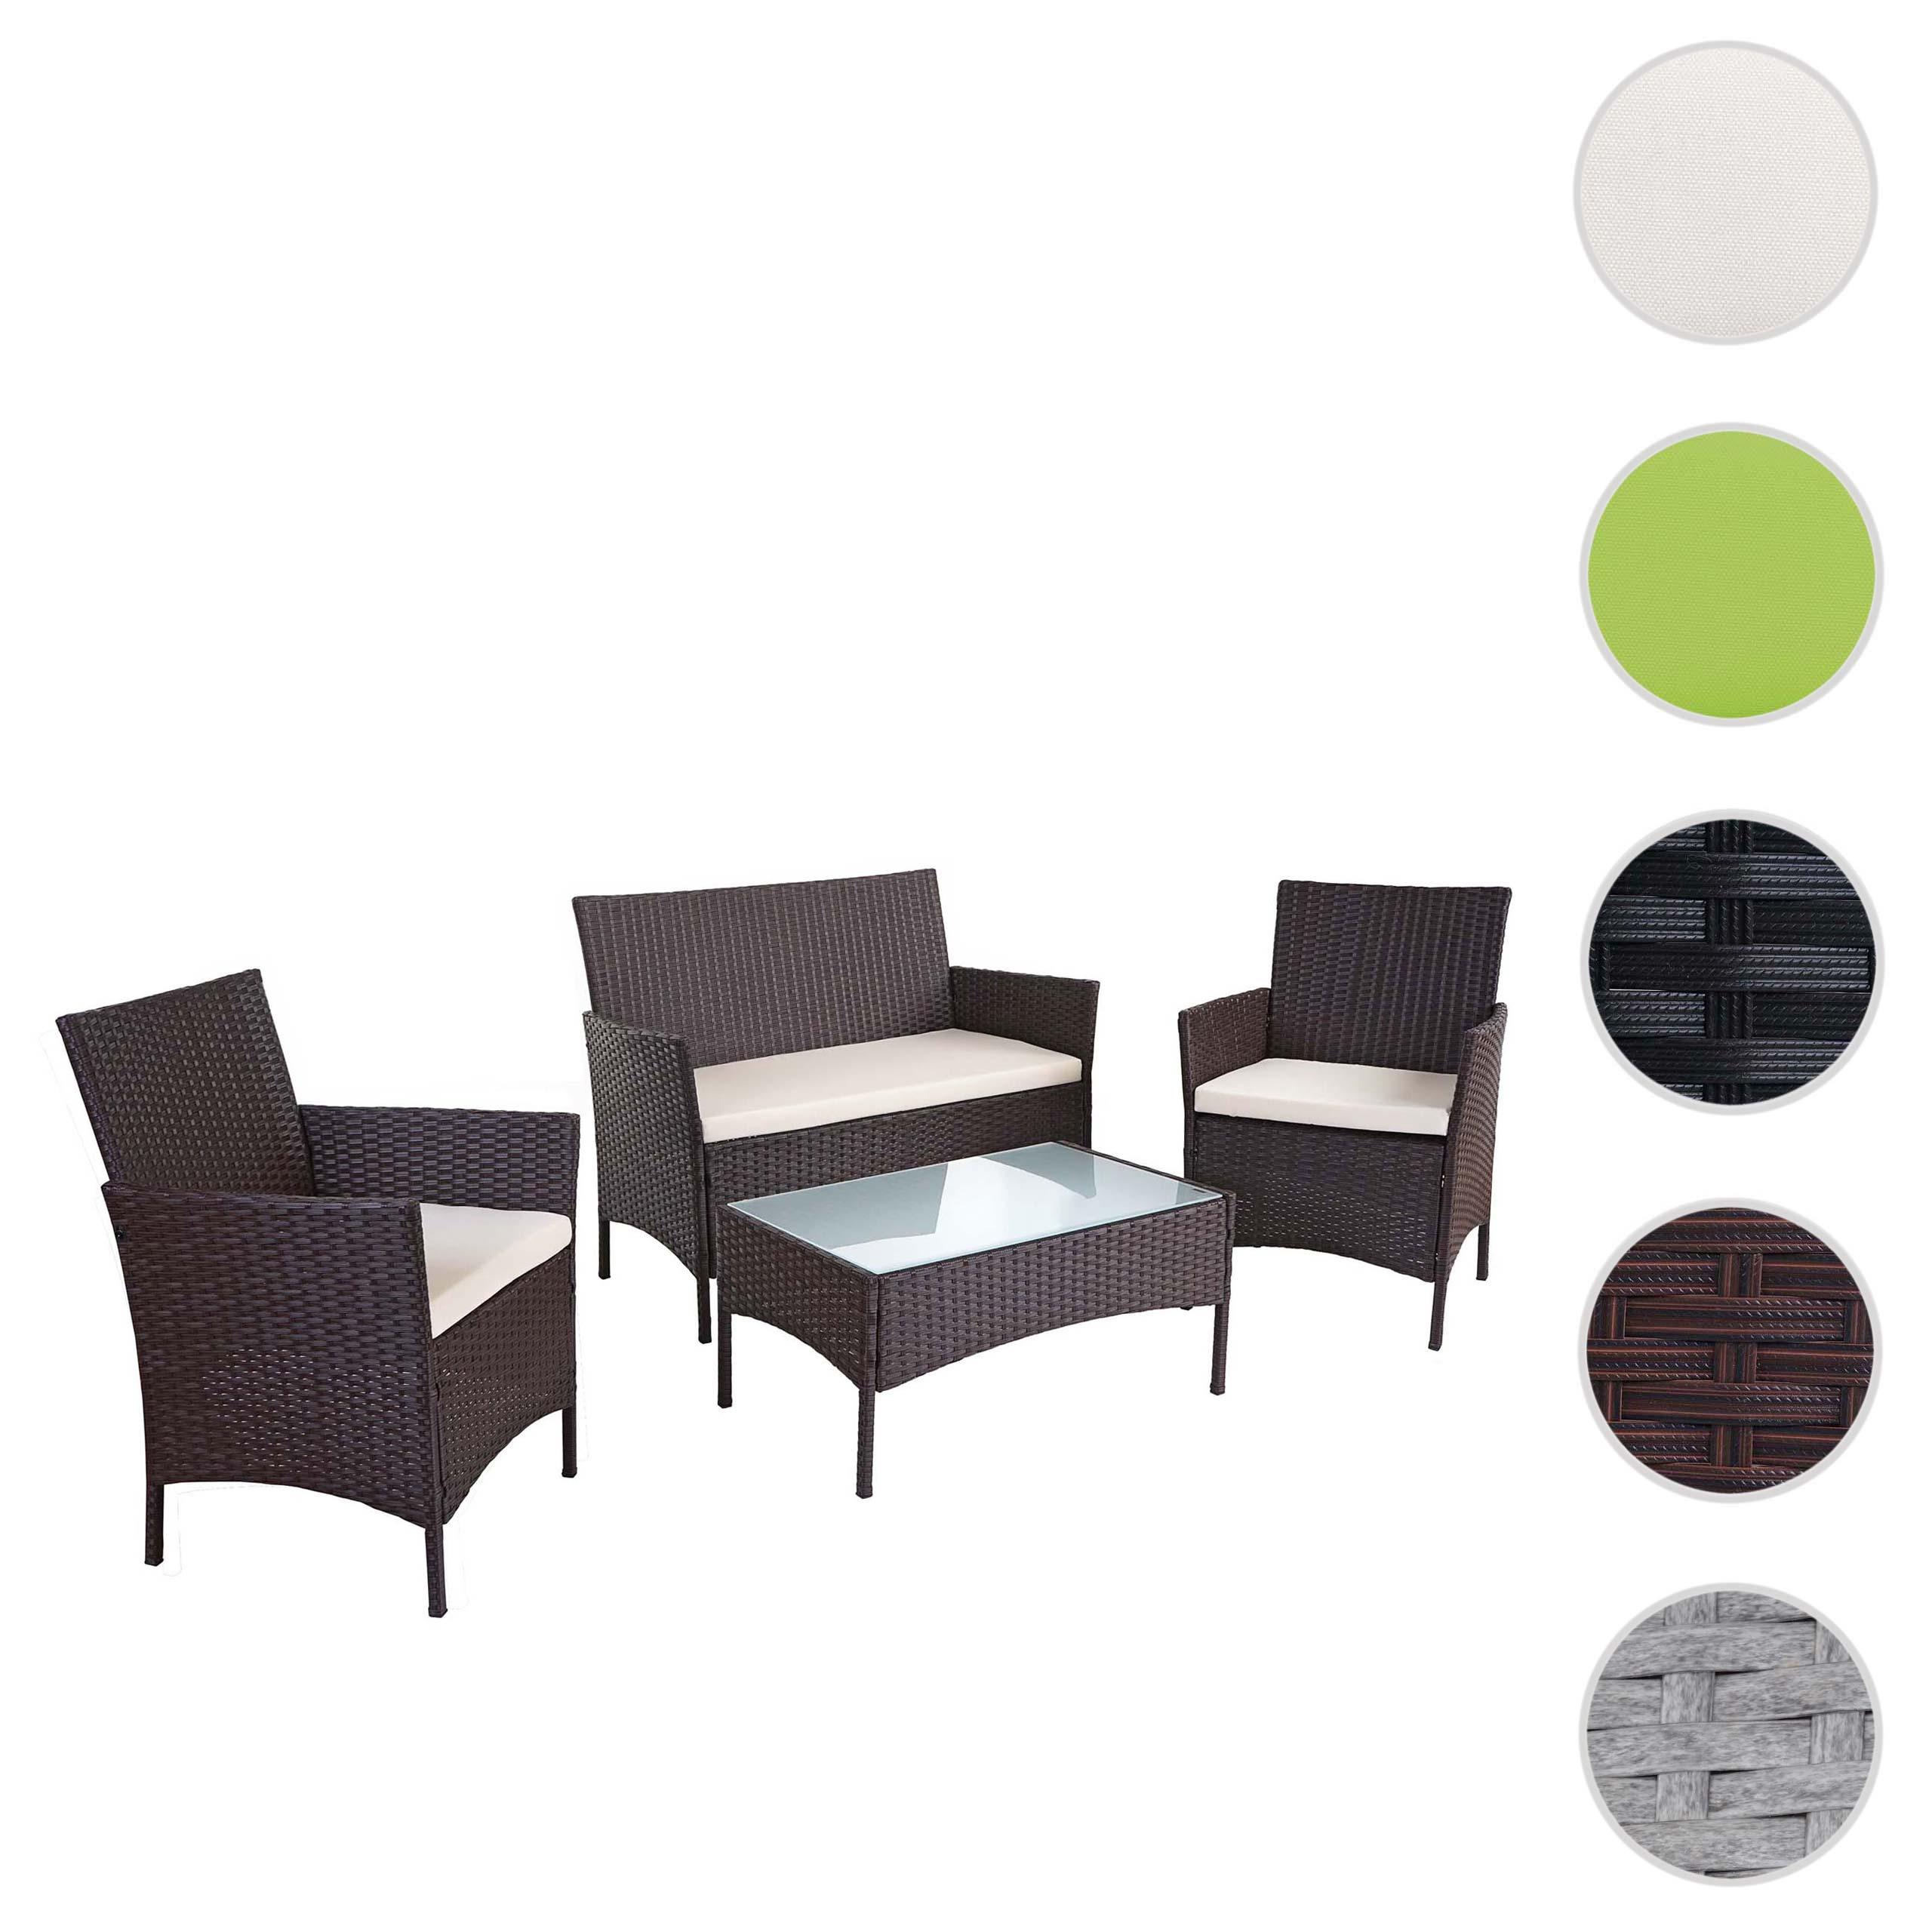 Gartenmöbel-Set 1 Tisch 2 Stühle mit Auflagen Lounge-Gruppe Rattan Korbdesign